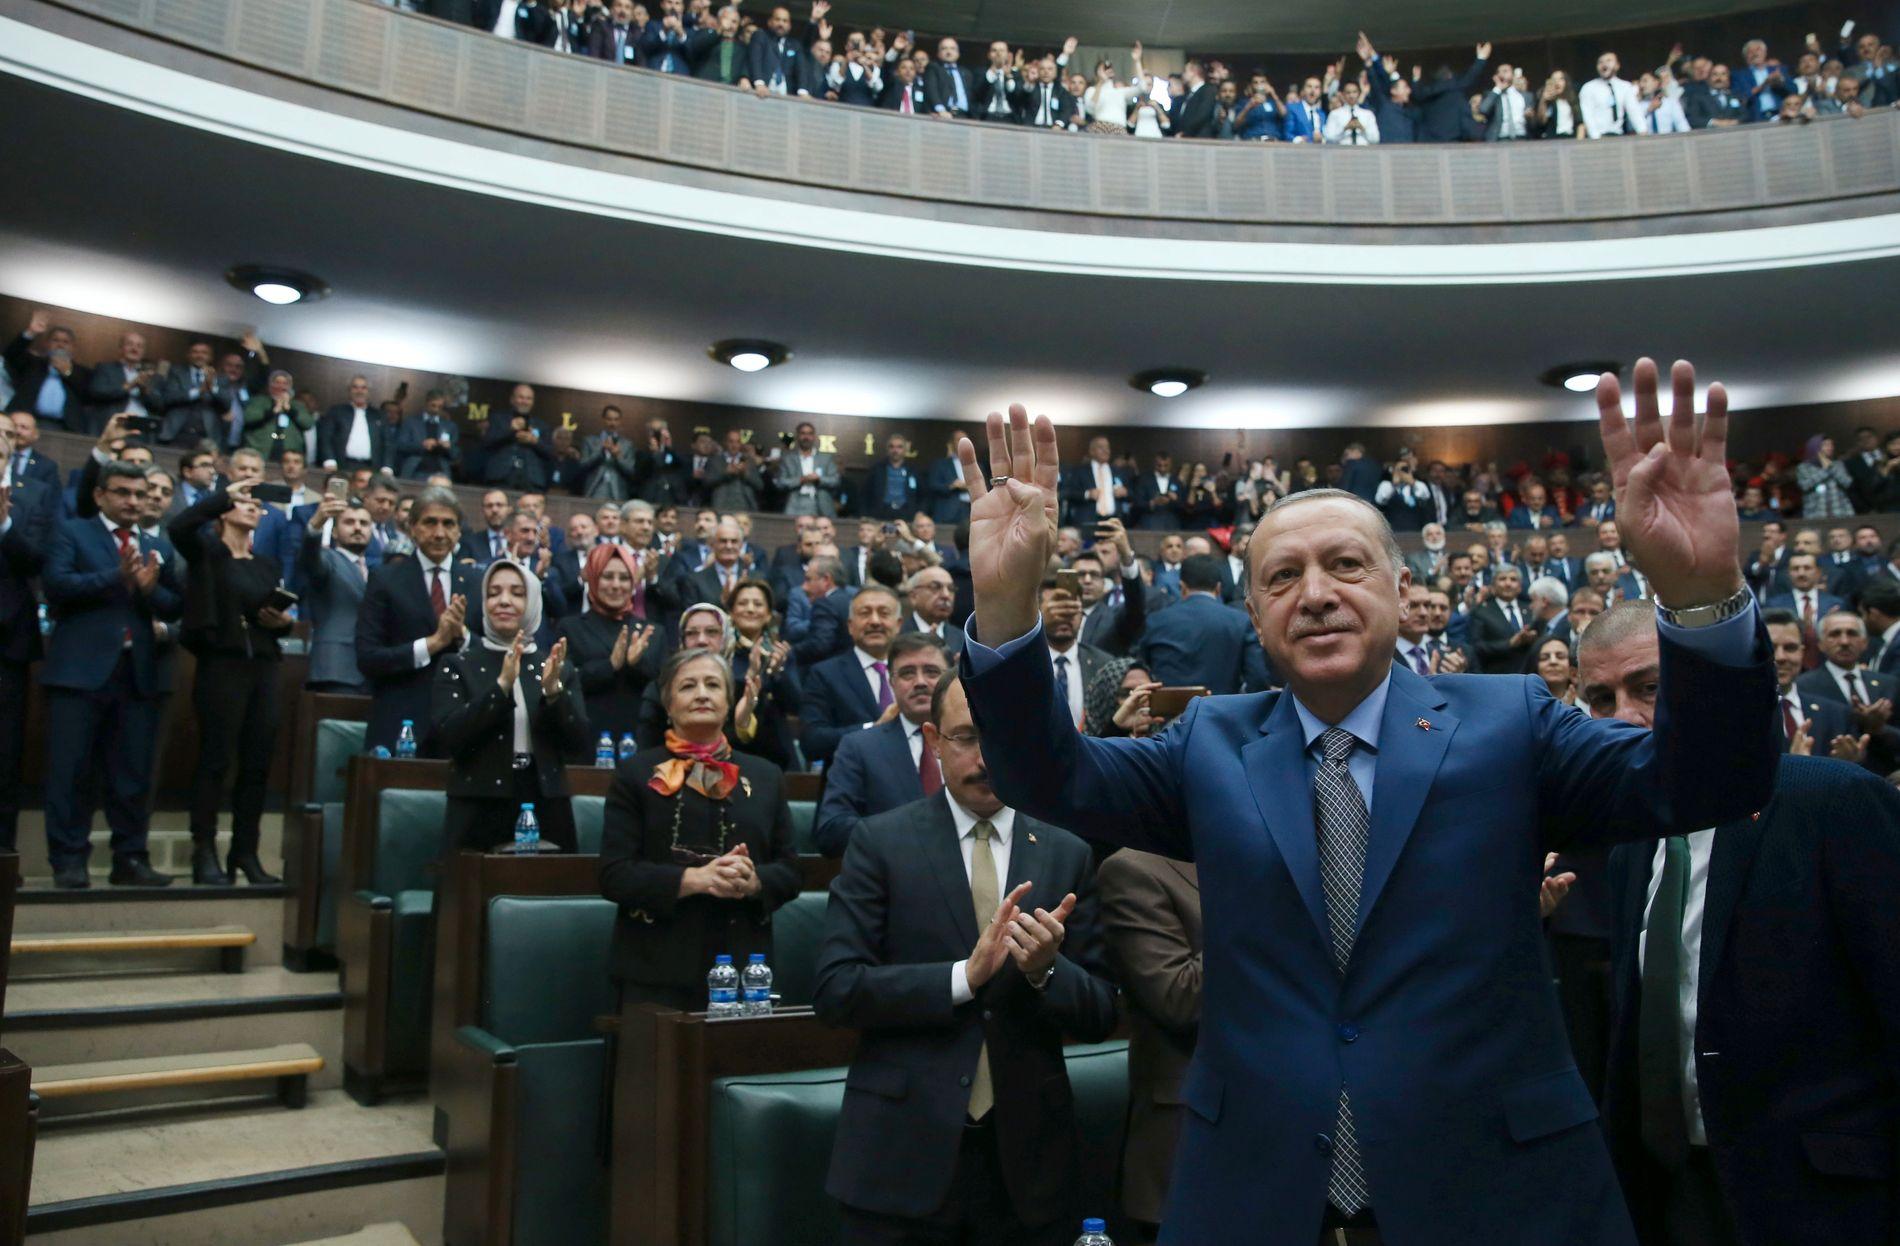 FORDØMTE DRAPET: Her har Tyrkias president Recep Tayyip Erdogan nettopp fordømt drapet på Jamal Khashoggi i det tyrkiske parlamentet.